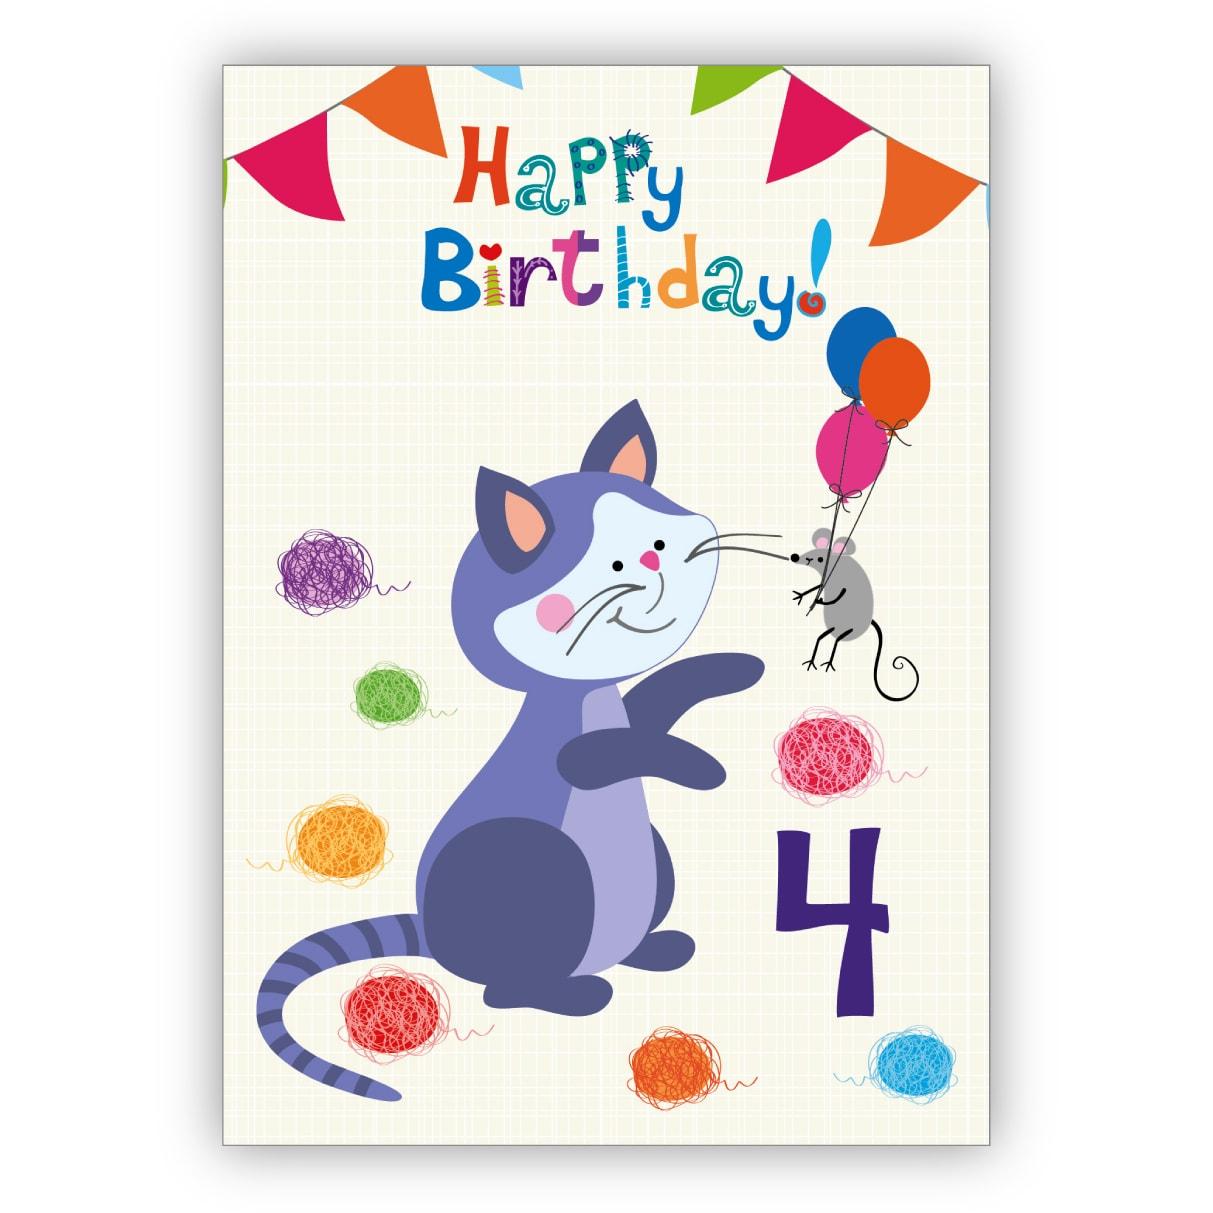 Alles Gute Zum Geburtstag Lustige Und Niedliche Raumgrusskarte